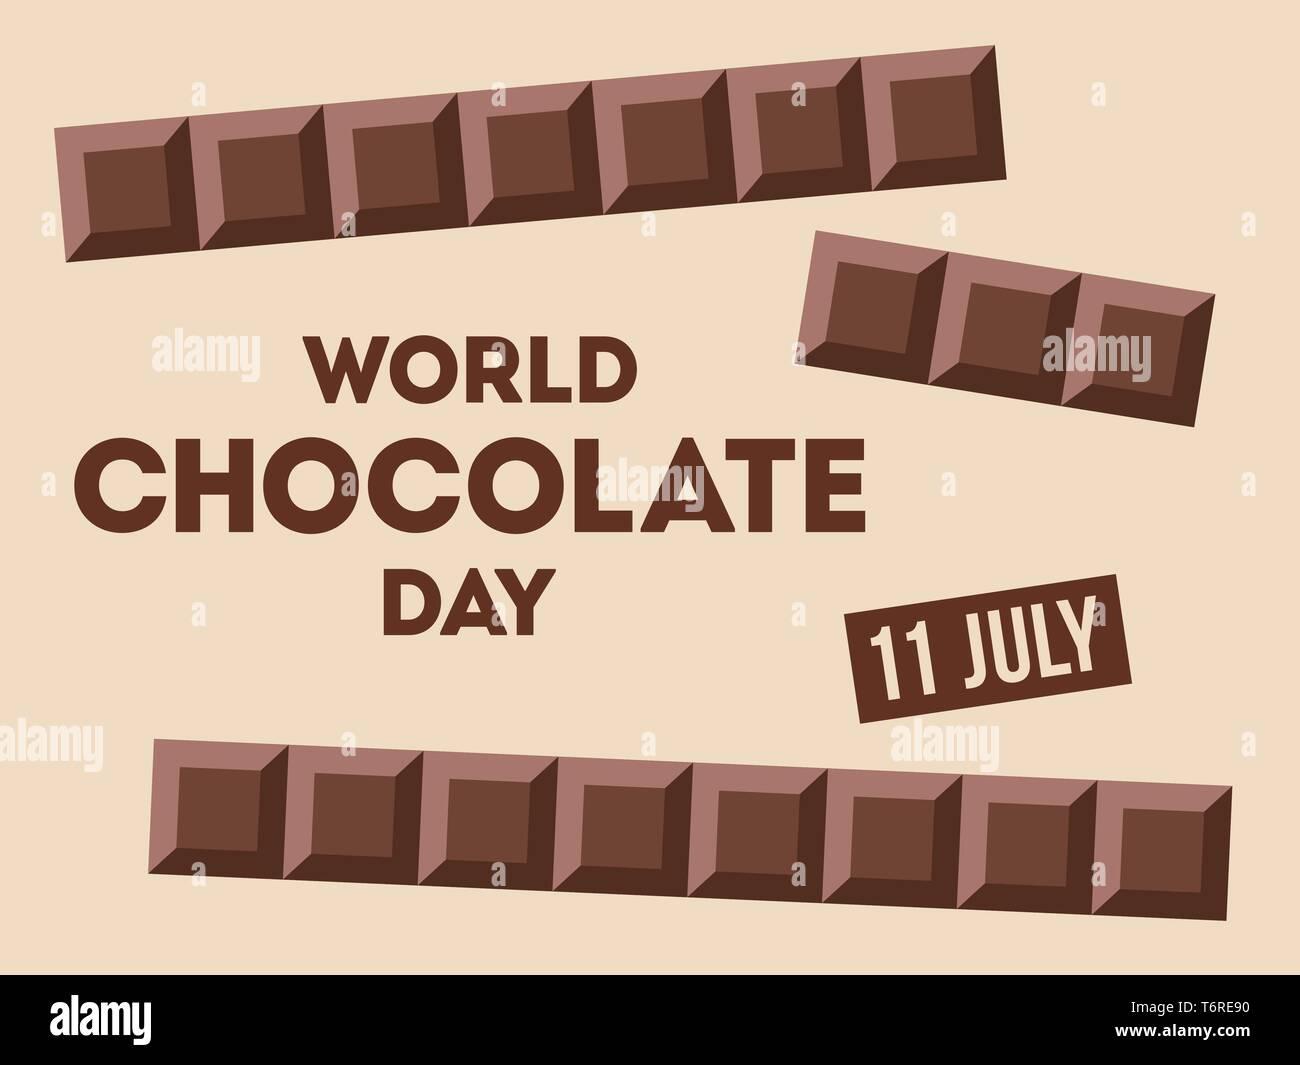 Día mundial del chocolate.11 de julio. Barras Сhocolate con texto. Diseño de carteles, banner, tarjeta de felicitación. Vector ilustración en color. Imagen De Stock